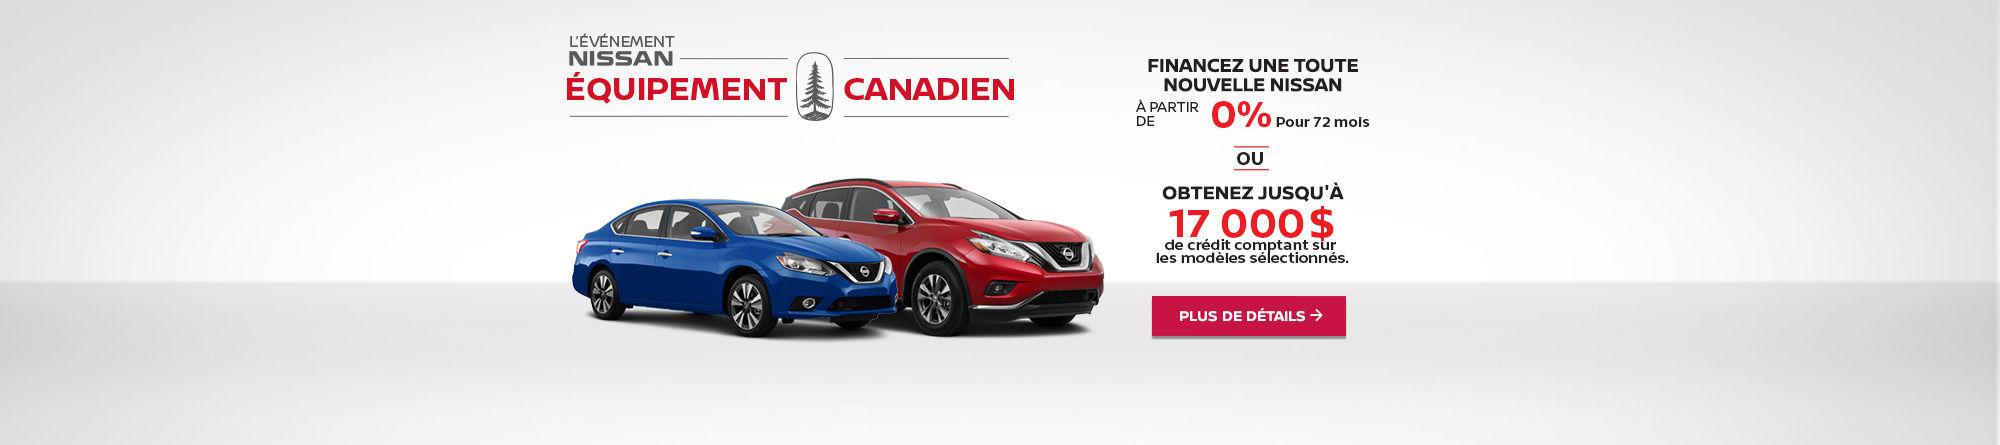 Événement Nissan Équipement Canadien! (mobile)